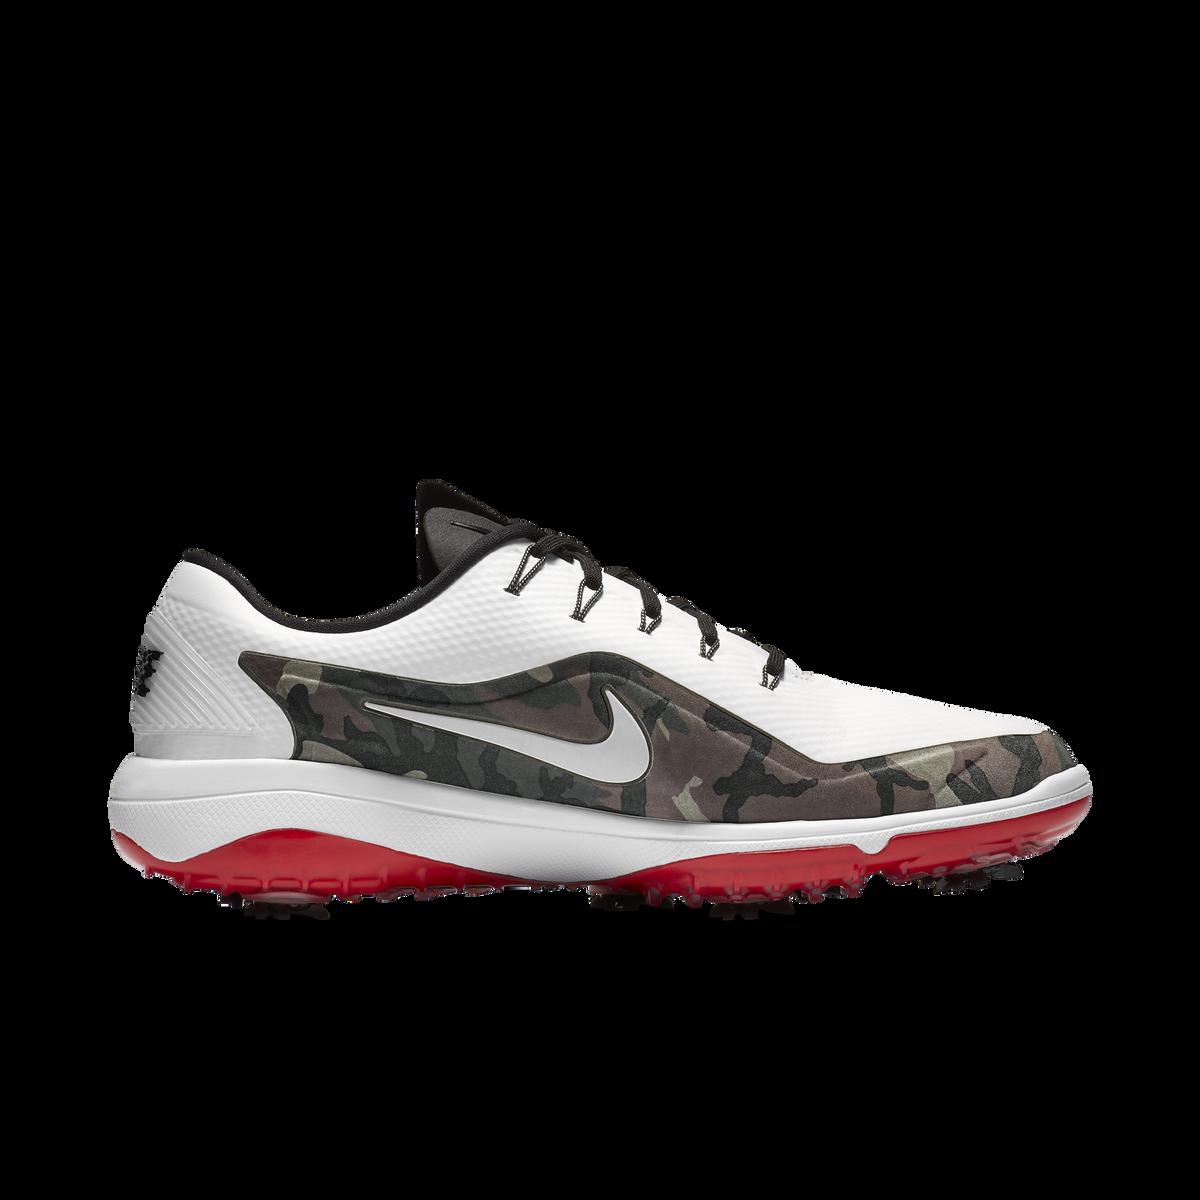 091af492eb5 Nike React Vapor 2 USA Men s Golf Shoe - White Red